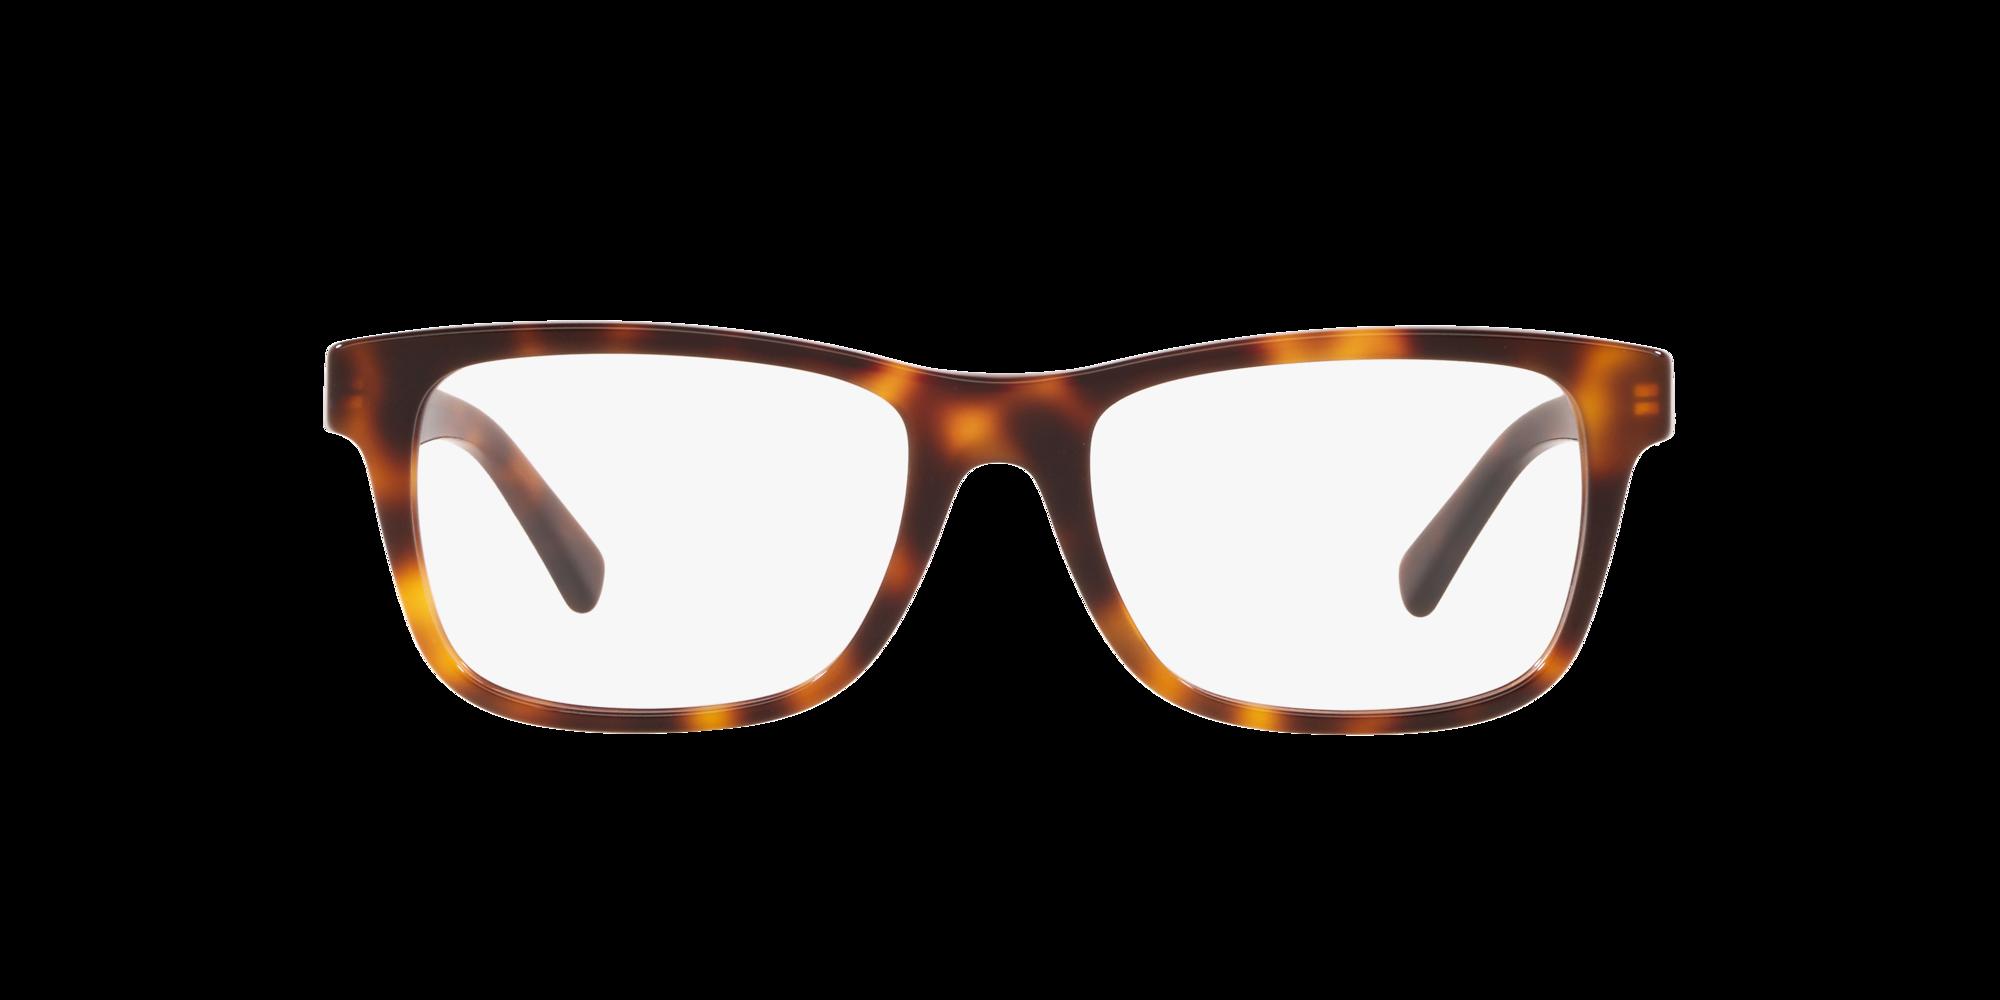 Imagen para EC2002 de LensCrafters |  Espejuelos, espejuelos graduados en línea, gafas